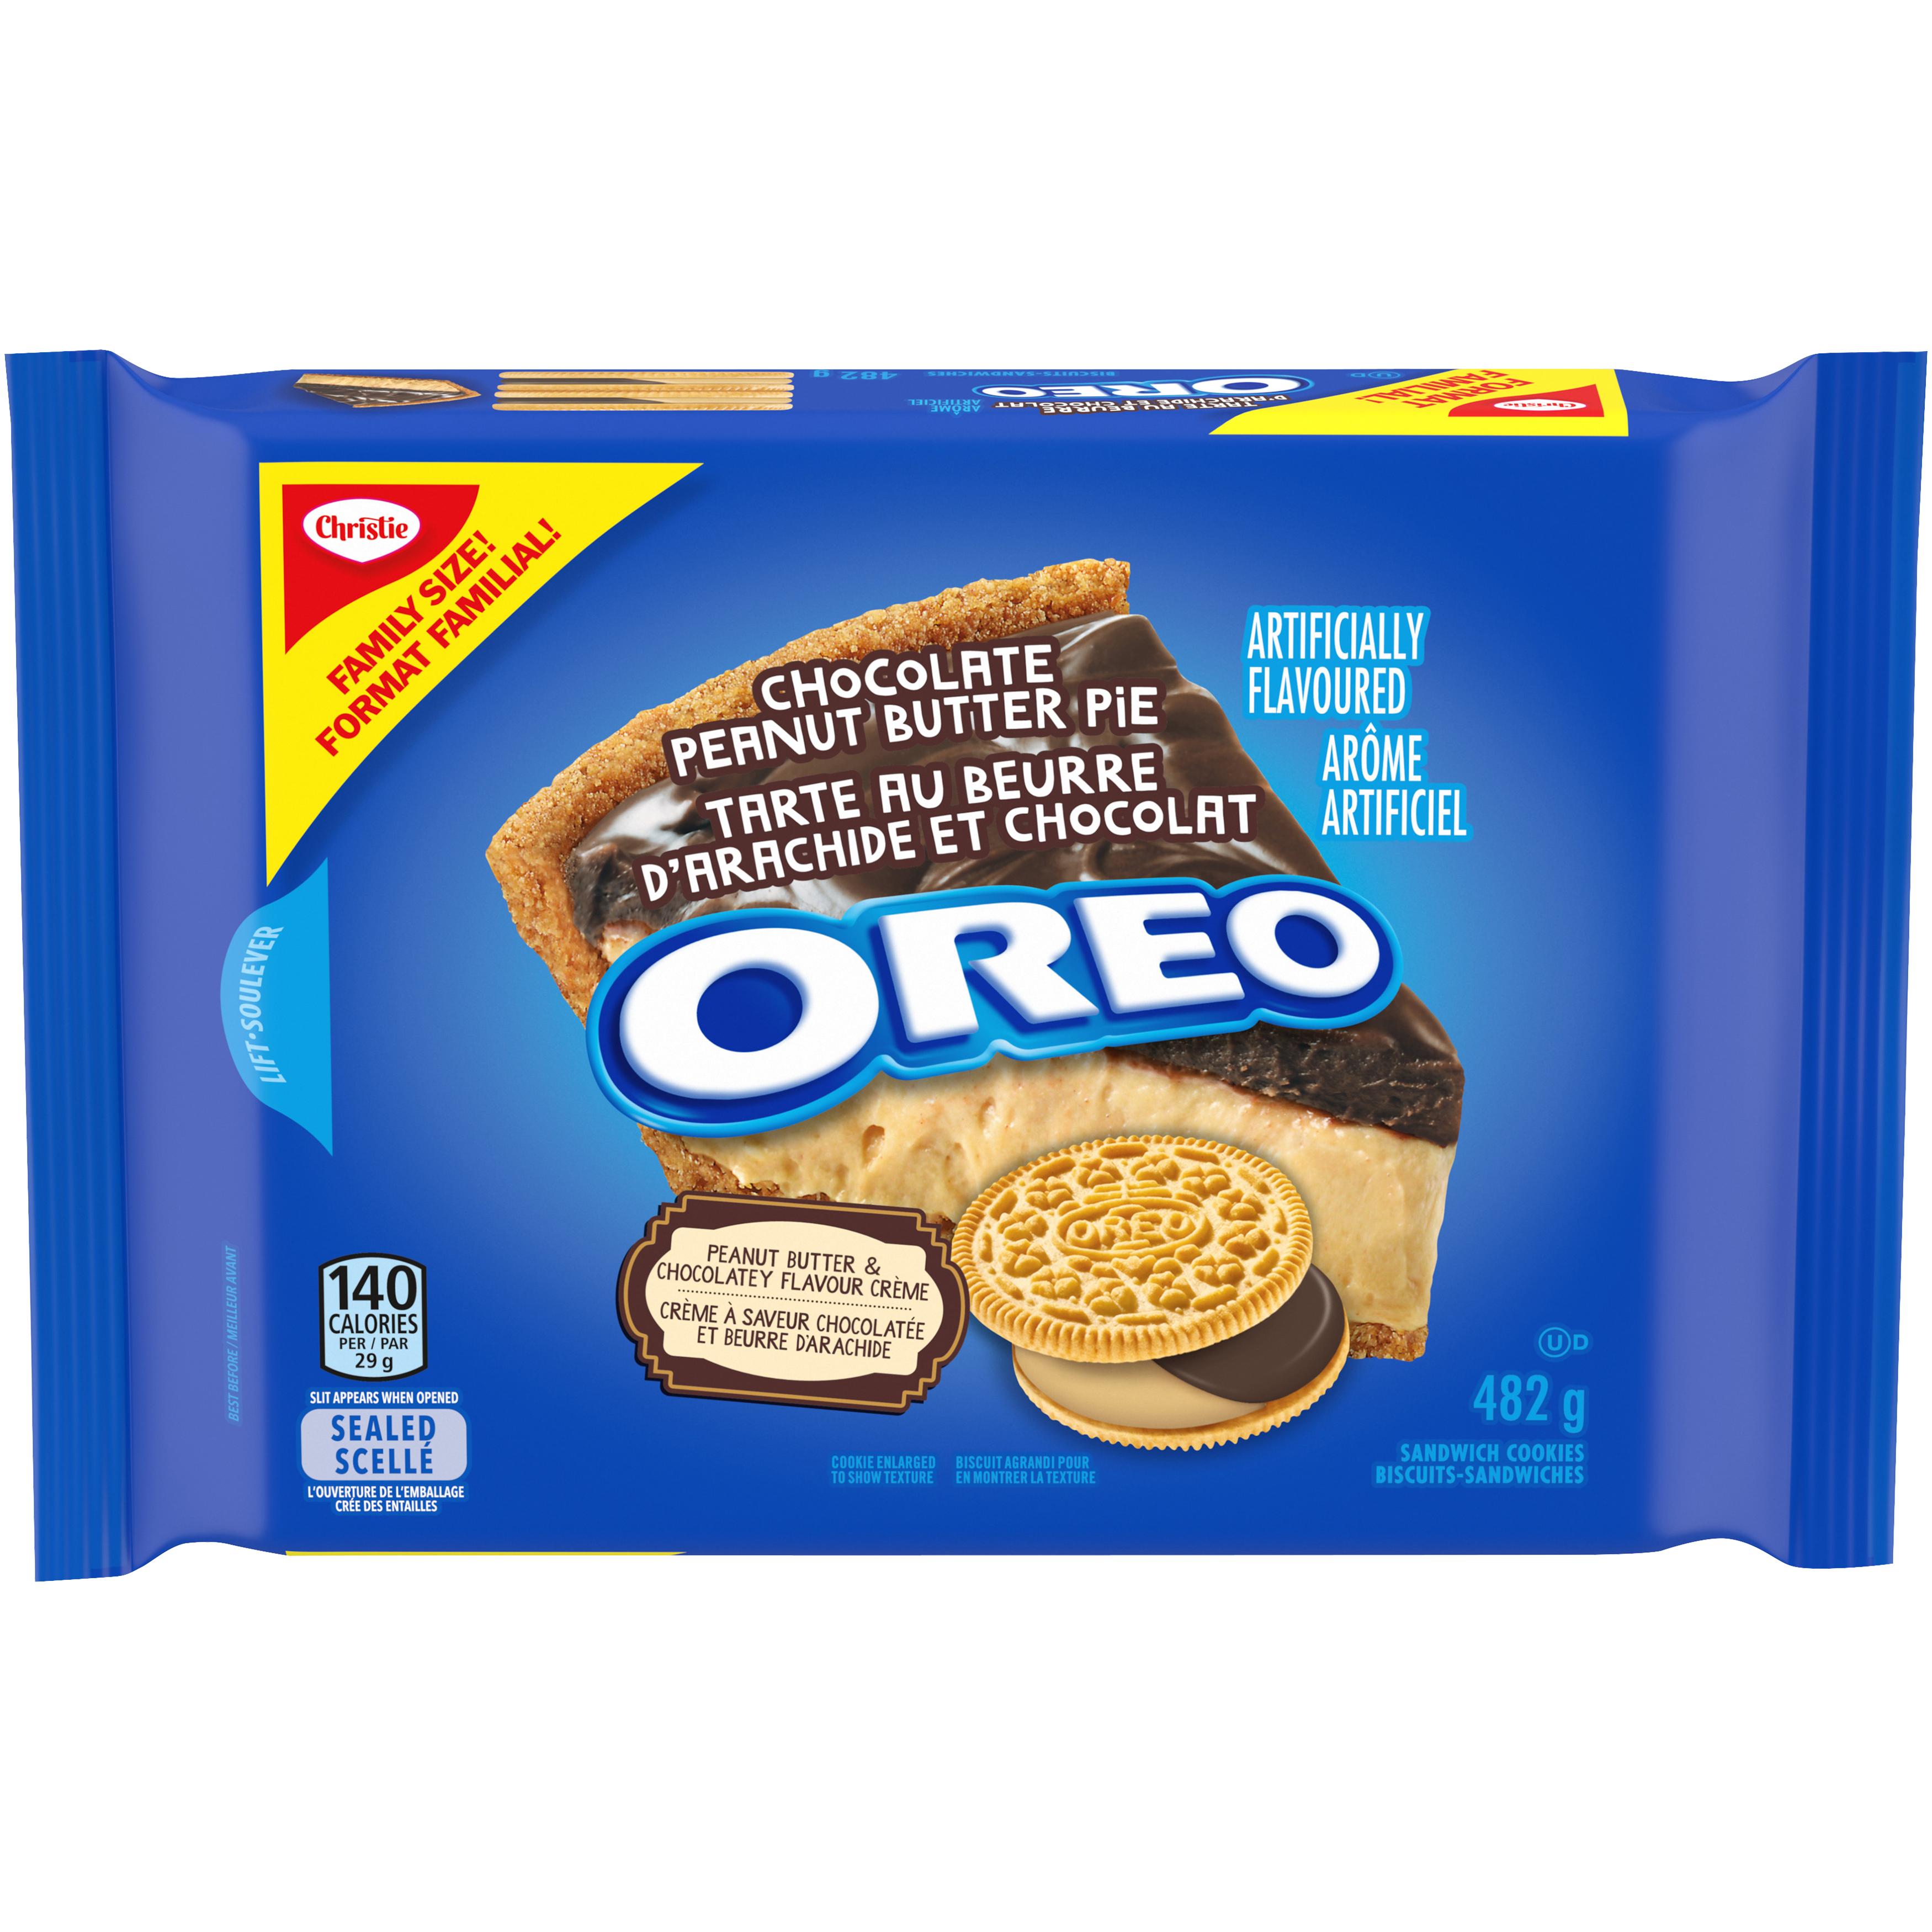 Oreo Double Crème Tarte Au Beurre Darachide Et Chocolat Biscuits 482 G